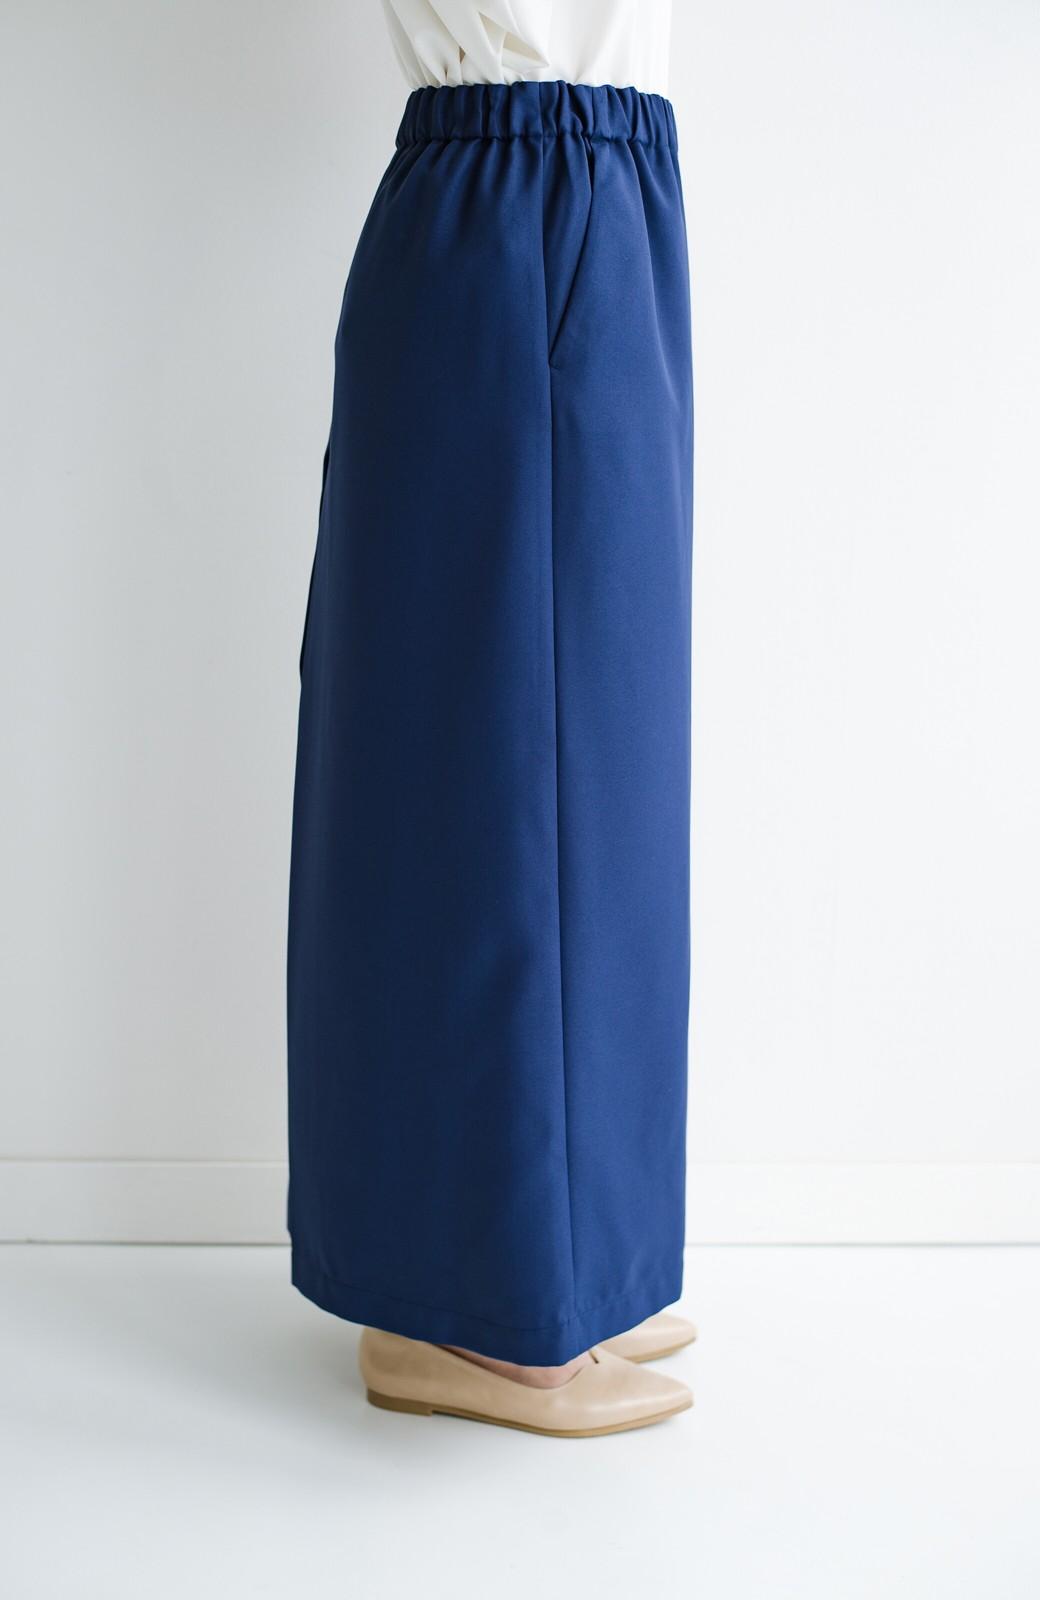 haco! スカート感覚でゆったりはけちゃう お仕事にも便利なきれいめタックワイドパンツ <ネイビー>の商品写真7